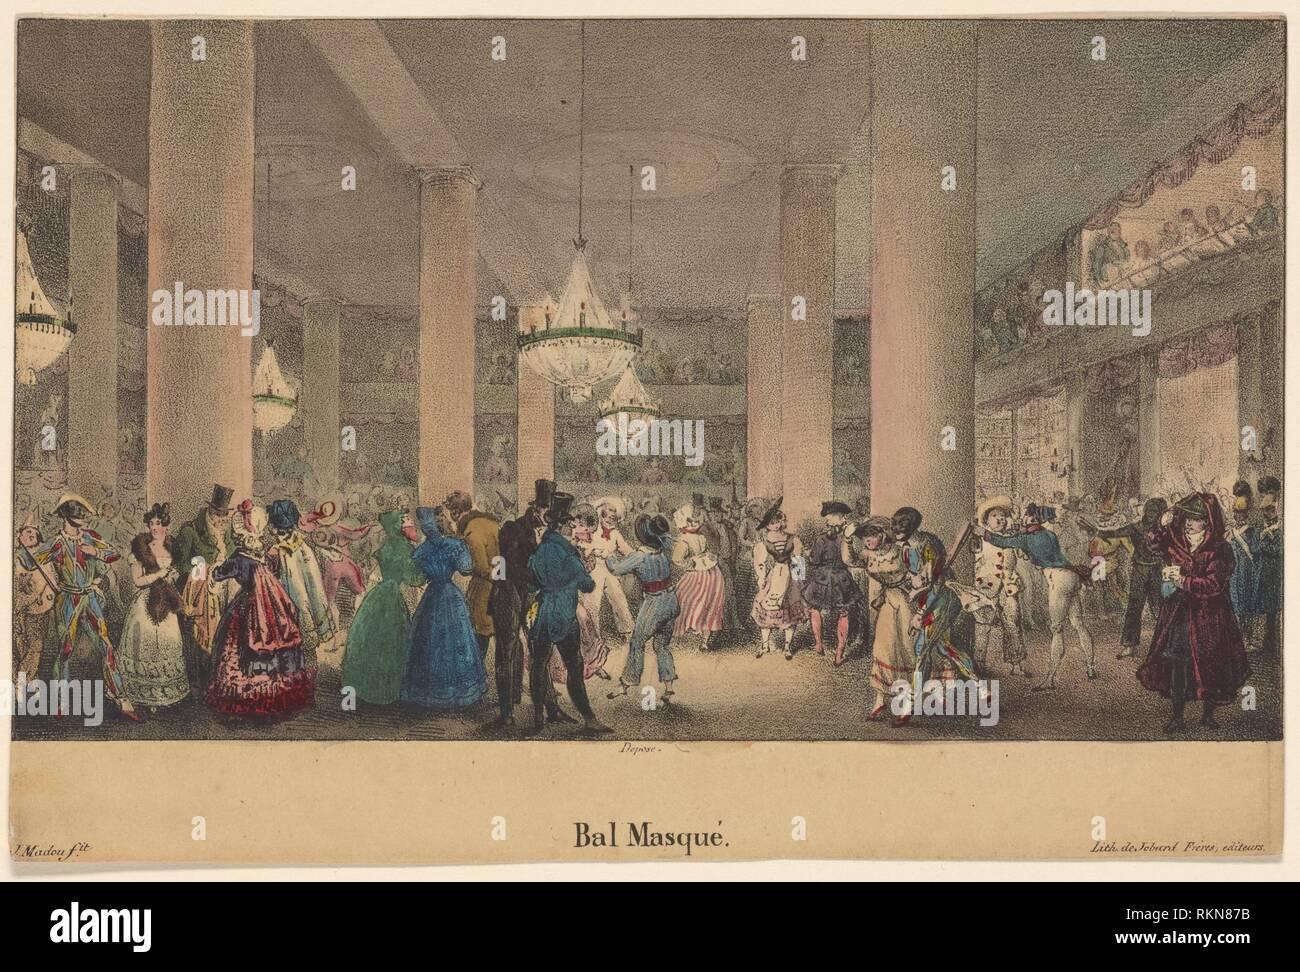 Bal Masque. Madou, Jean-Baptiste, 1796-1877 (litografo). Stampe raffiguranti soggetti di danza. Data di pubblicazione: 1800 - 1899 (approssimativo) Luogo: Parigi Immagini Stock